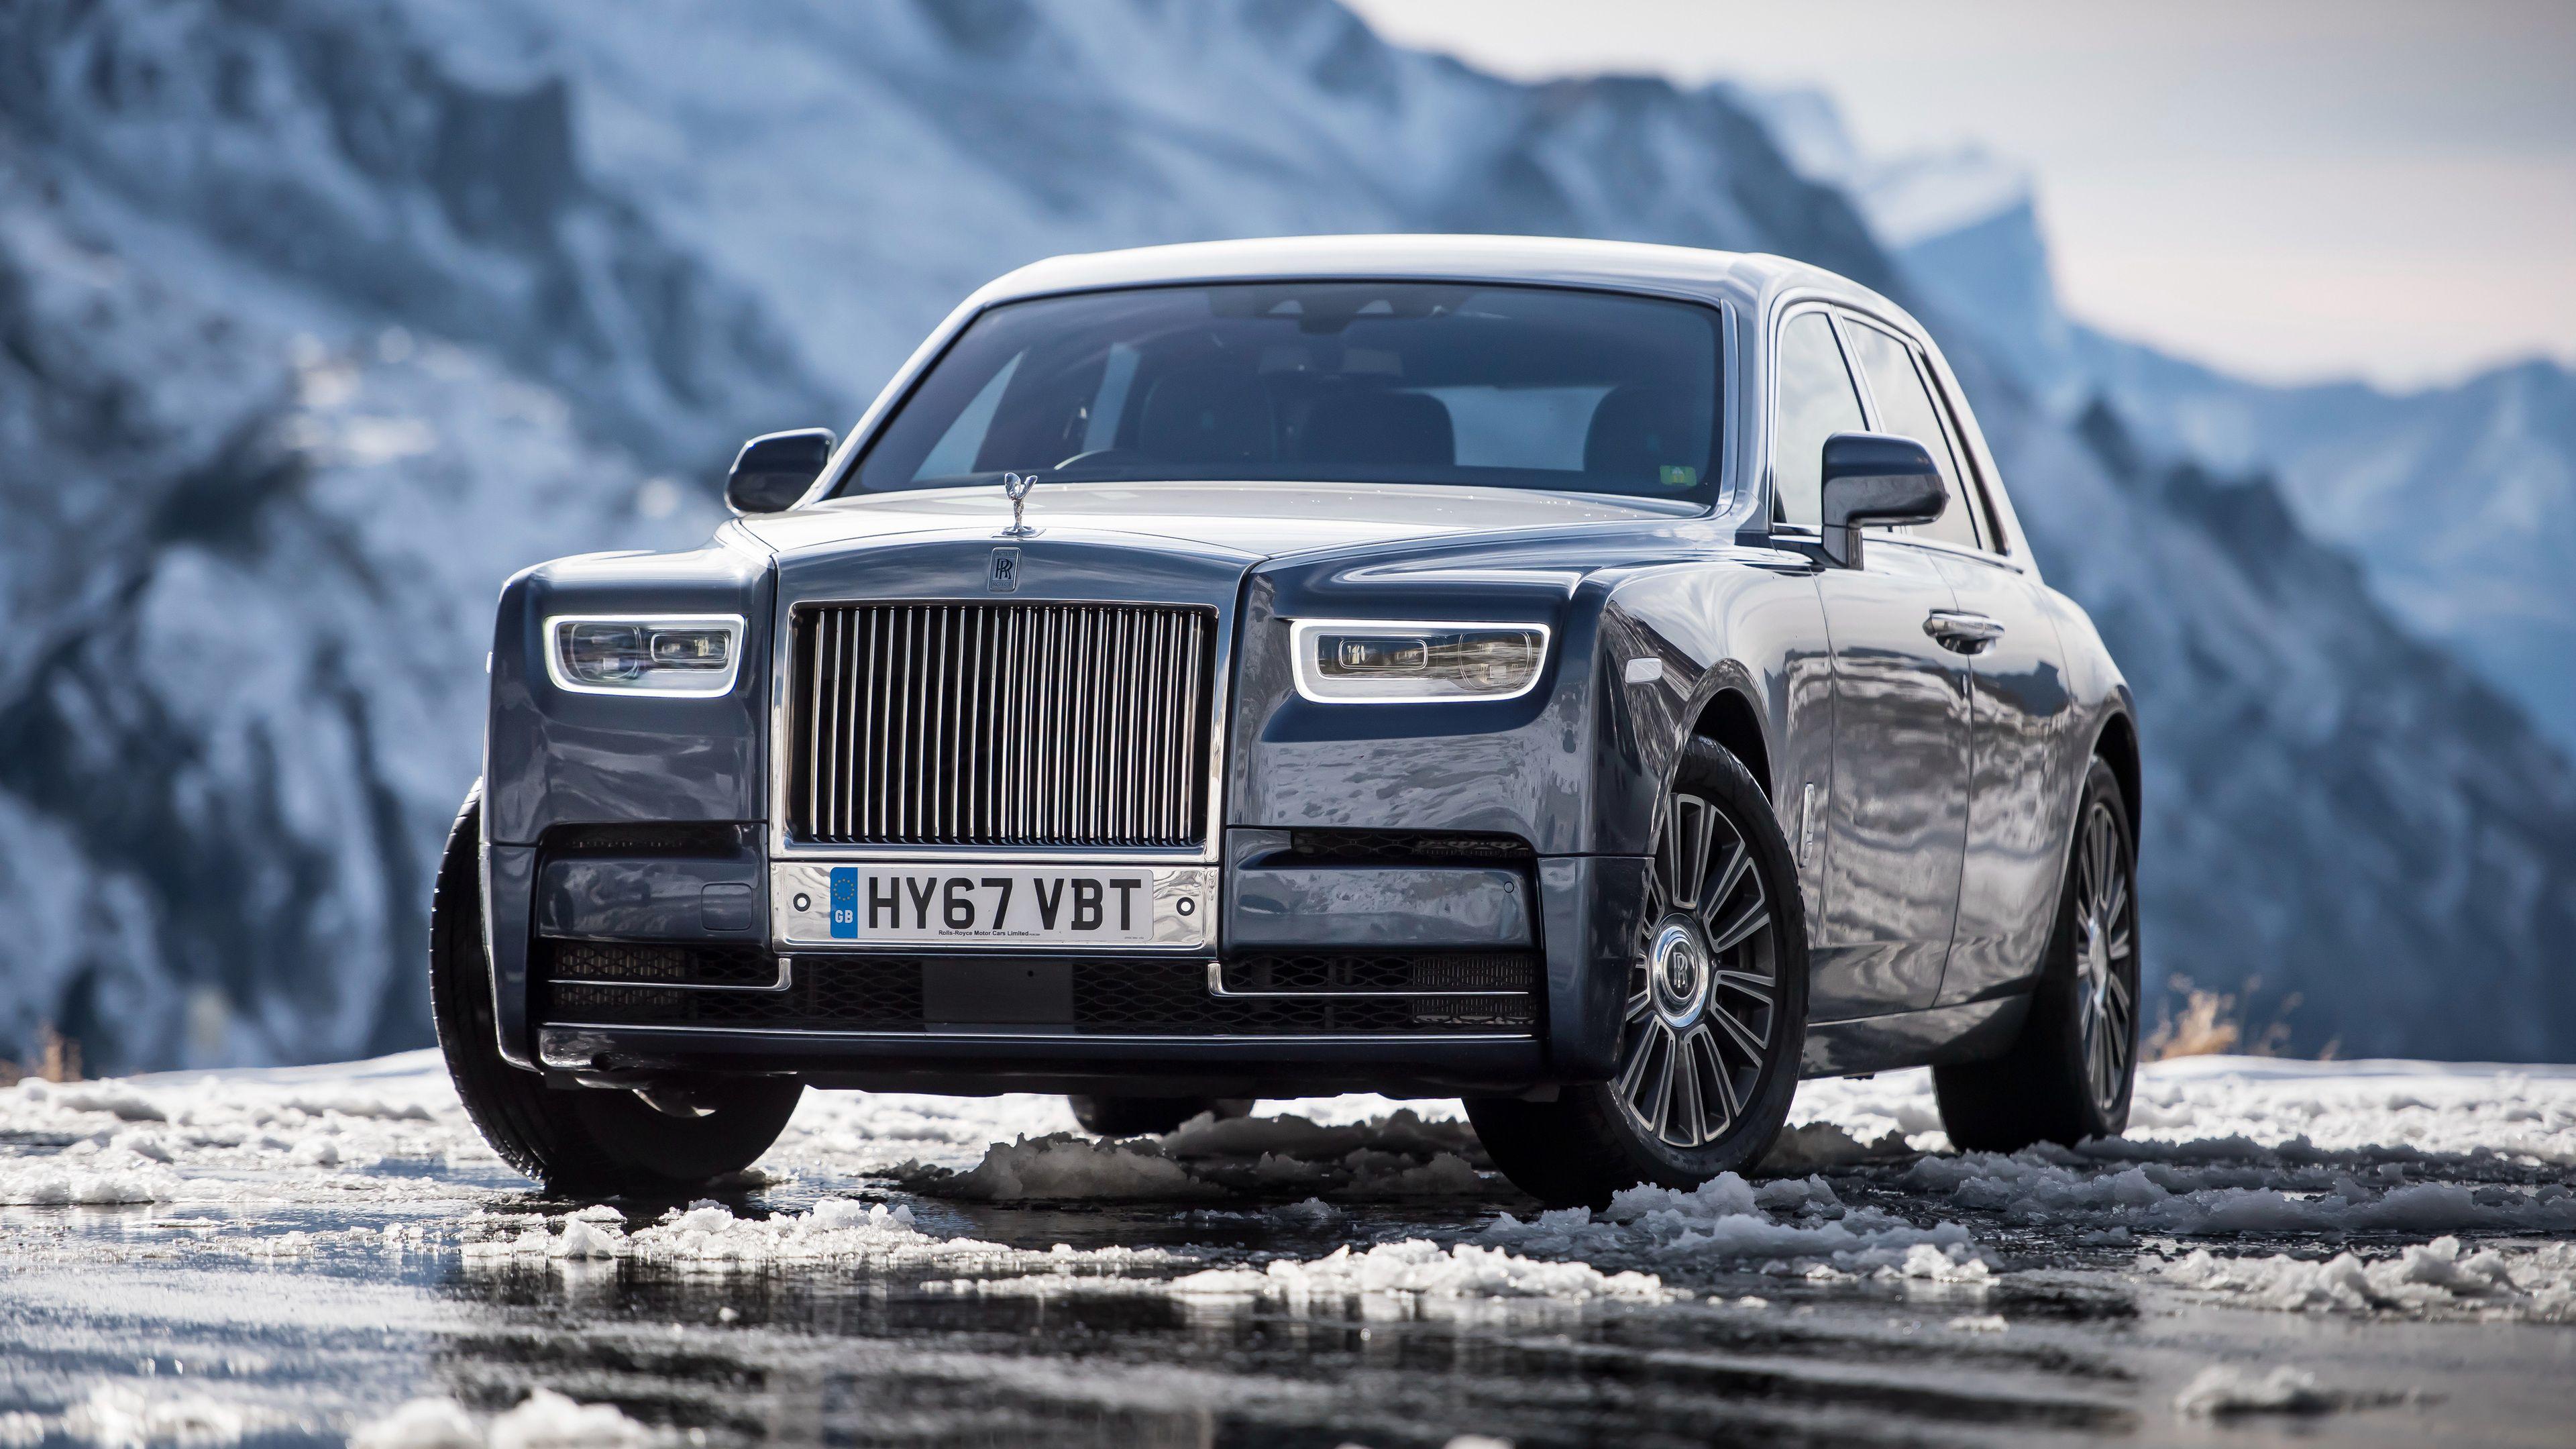 Rolls Royce Phantom Hd Grey Rolls Royce Phantom Cars Phantom Rolls Royce 1080p Wallpaper Hdwallpaper Deskto In 2021 Rolls Royce Phantom Rolls Royce Car Images